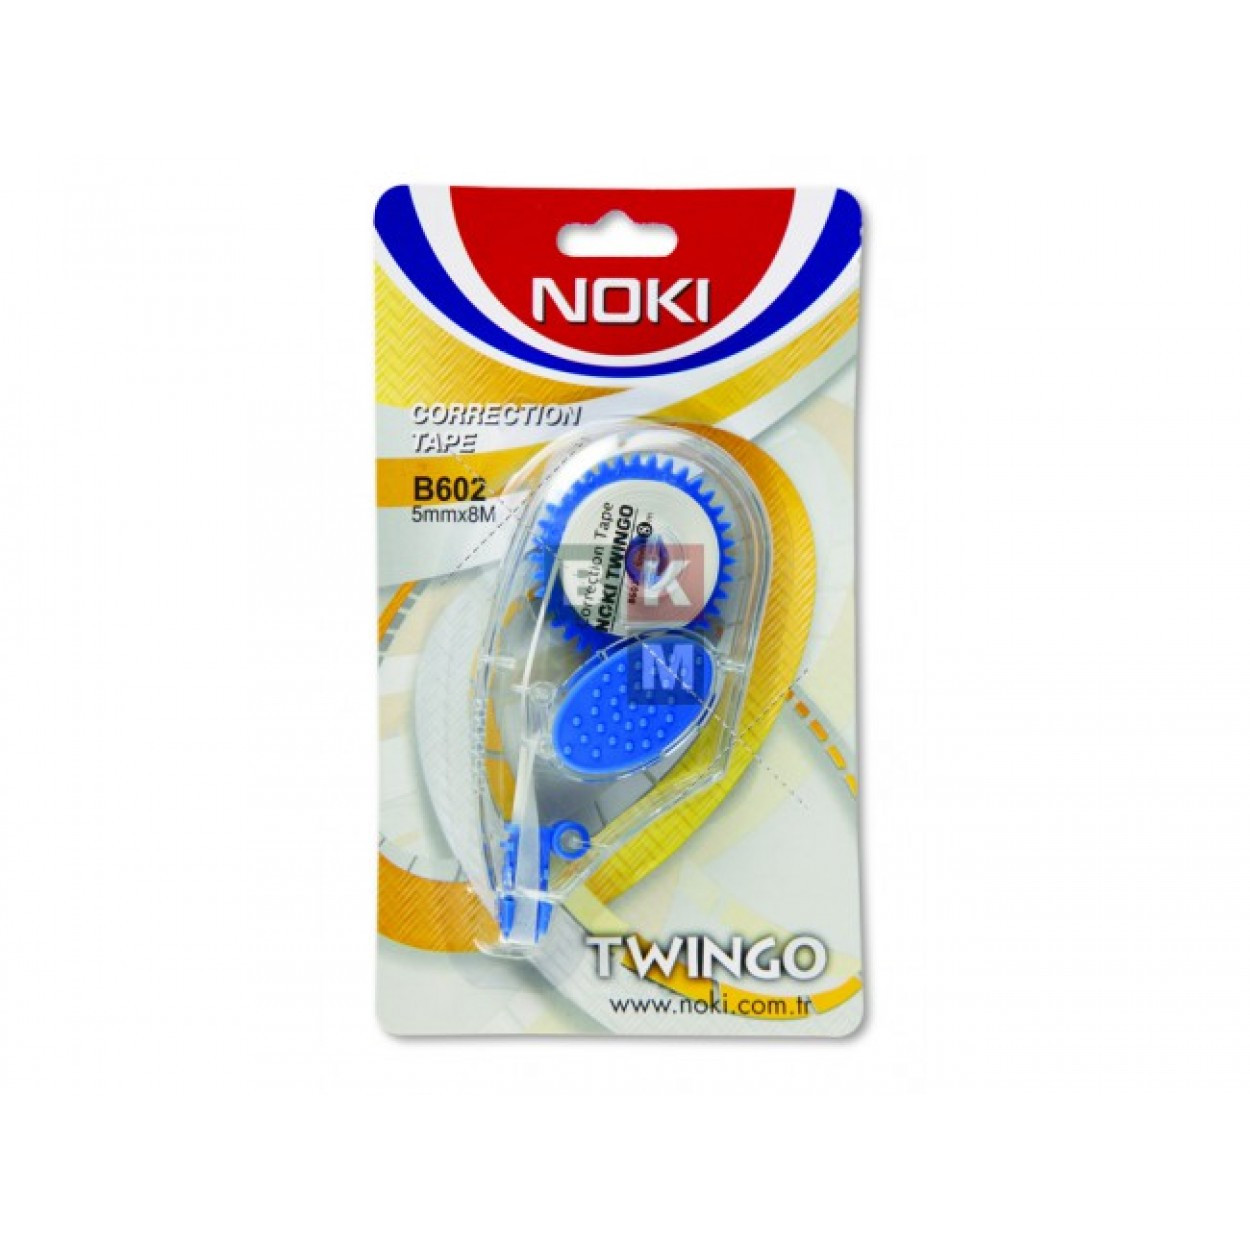 Noki Twingo Şerit Silici 5mm.X 8m.B661A